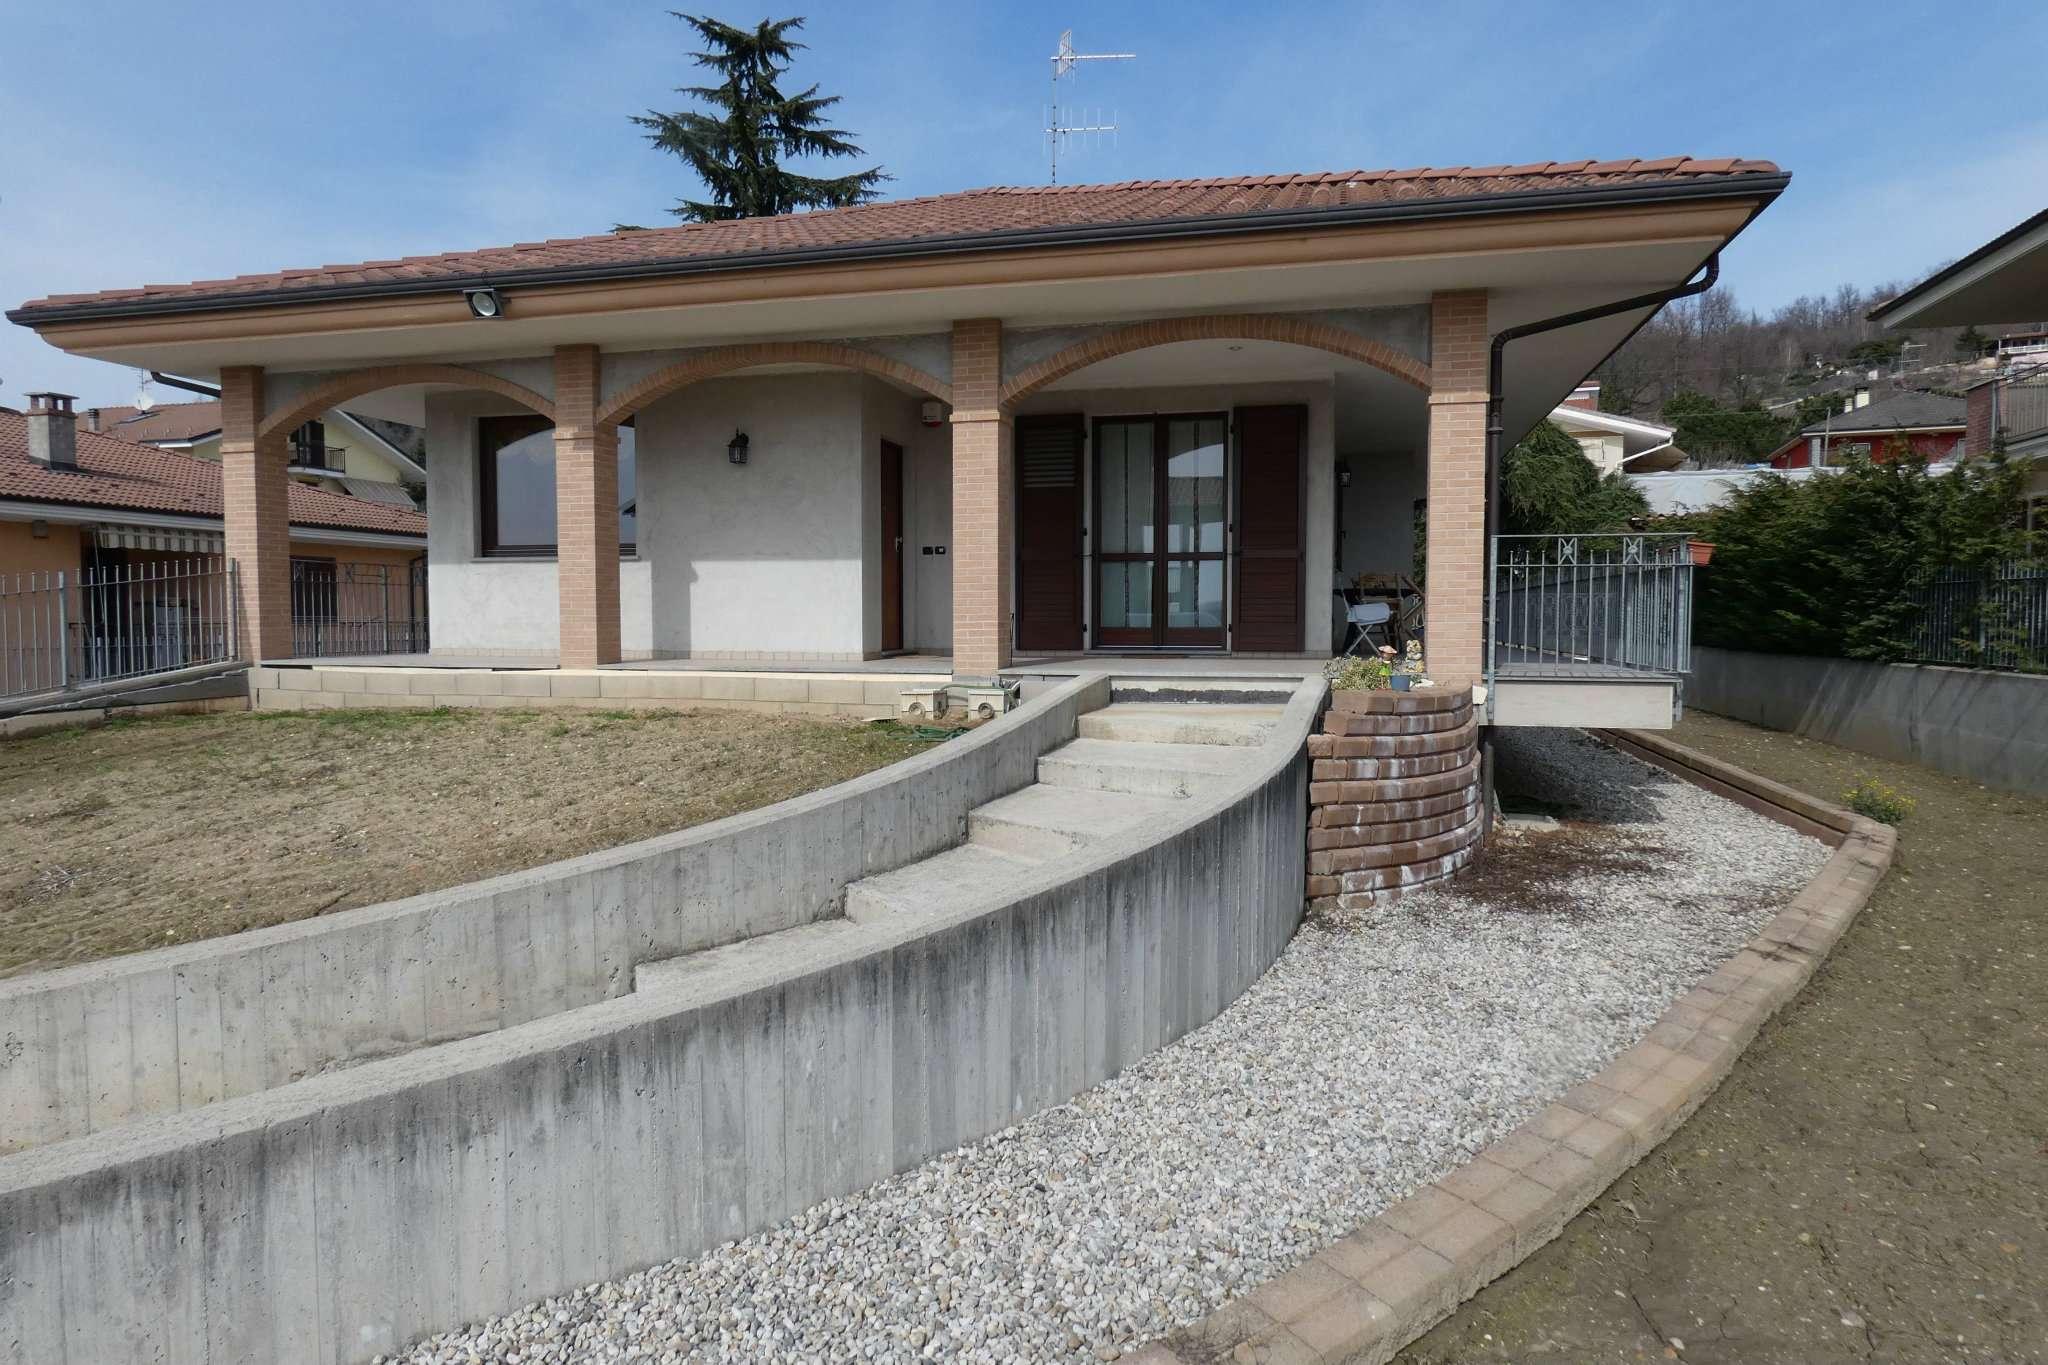 Villa in vendita a Bra, 5 locali, prezzo € 350.000 | CambioCasa.it